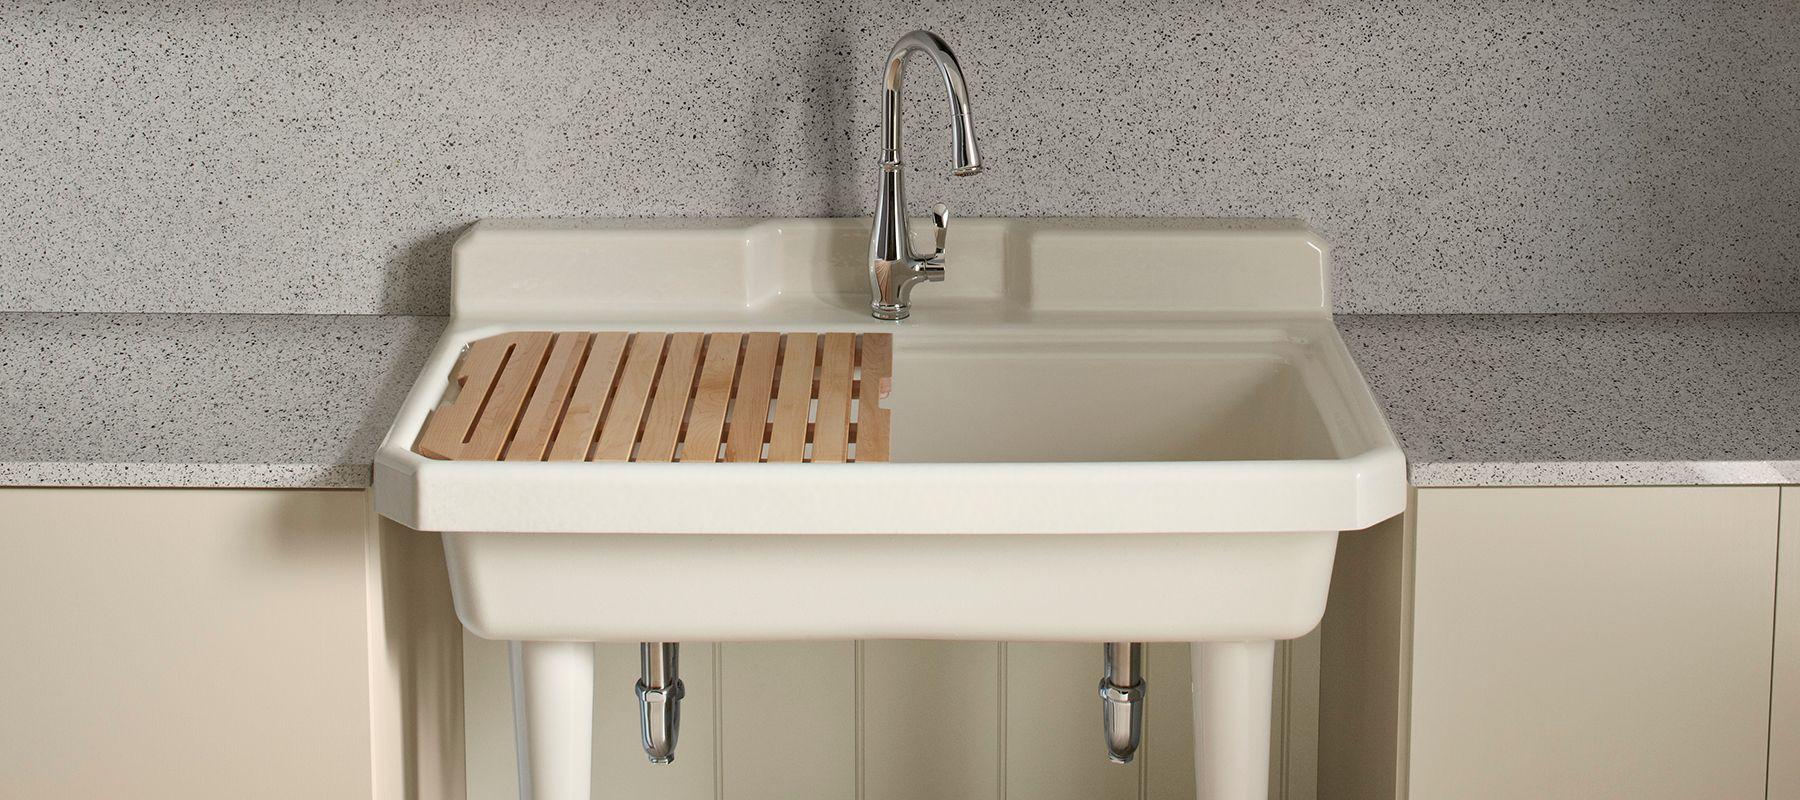 ceramic laundry tub